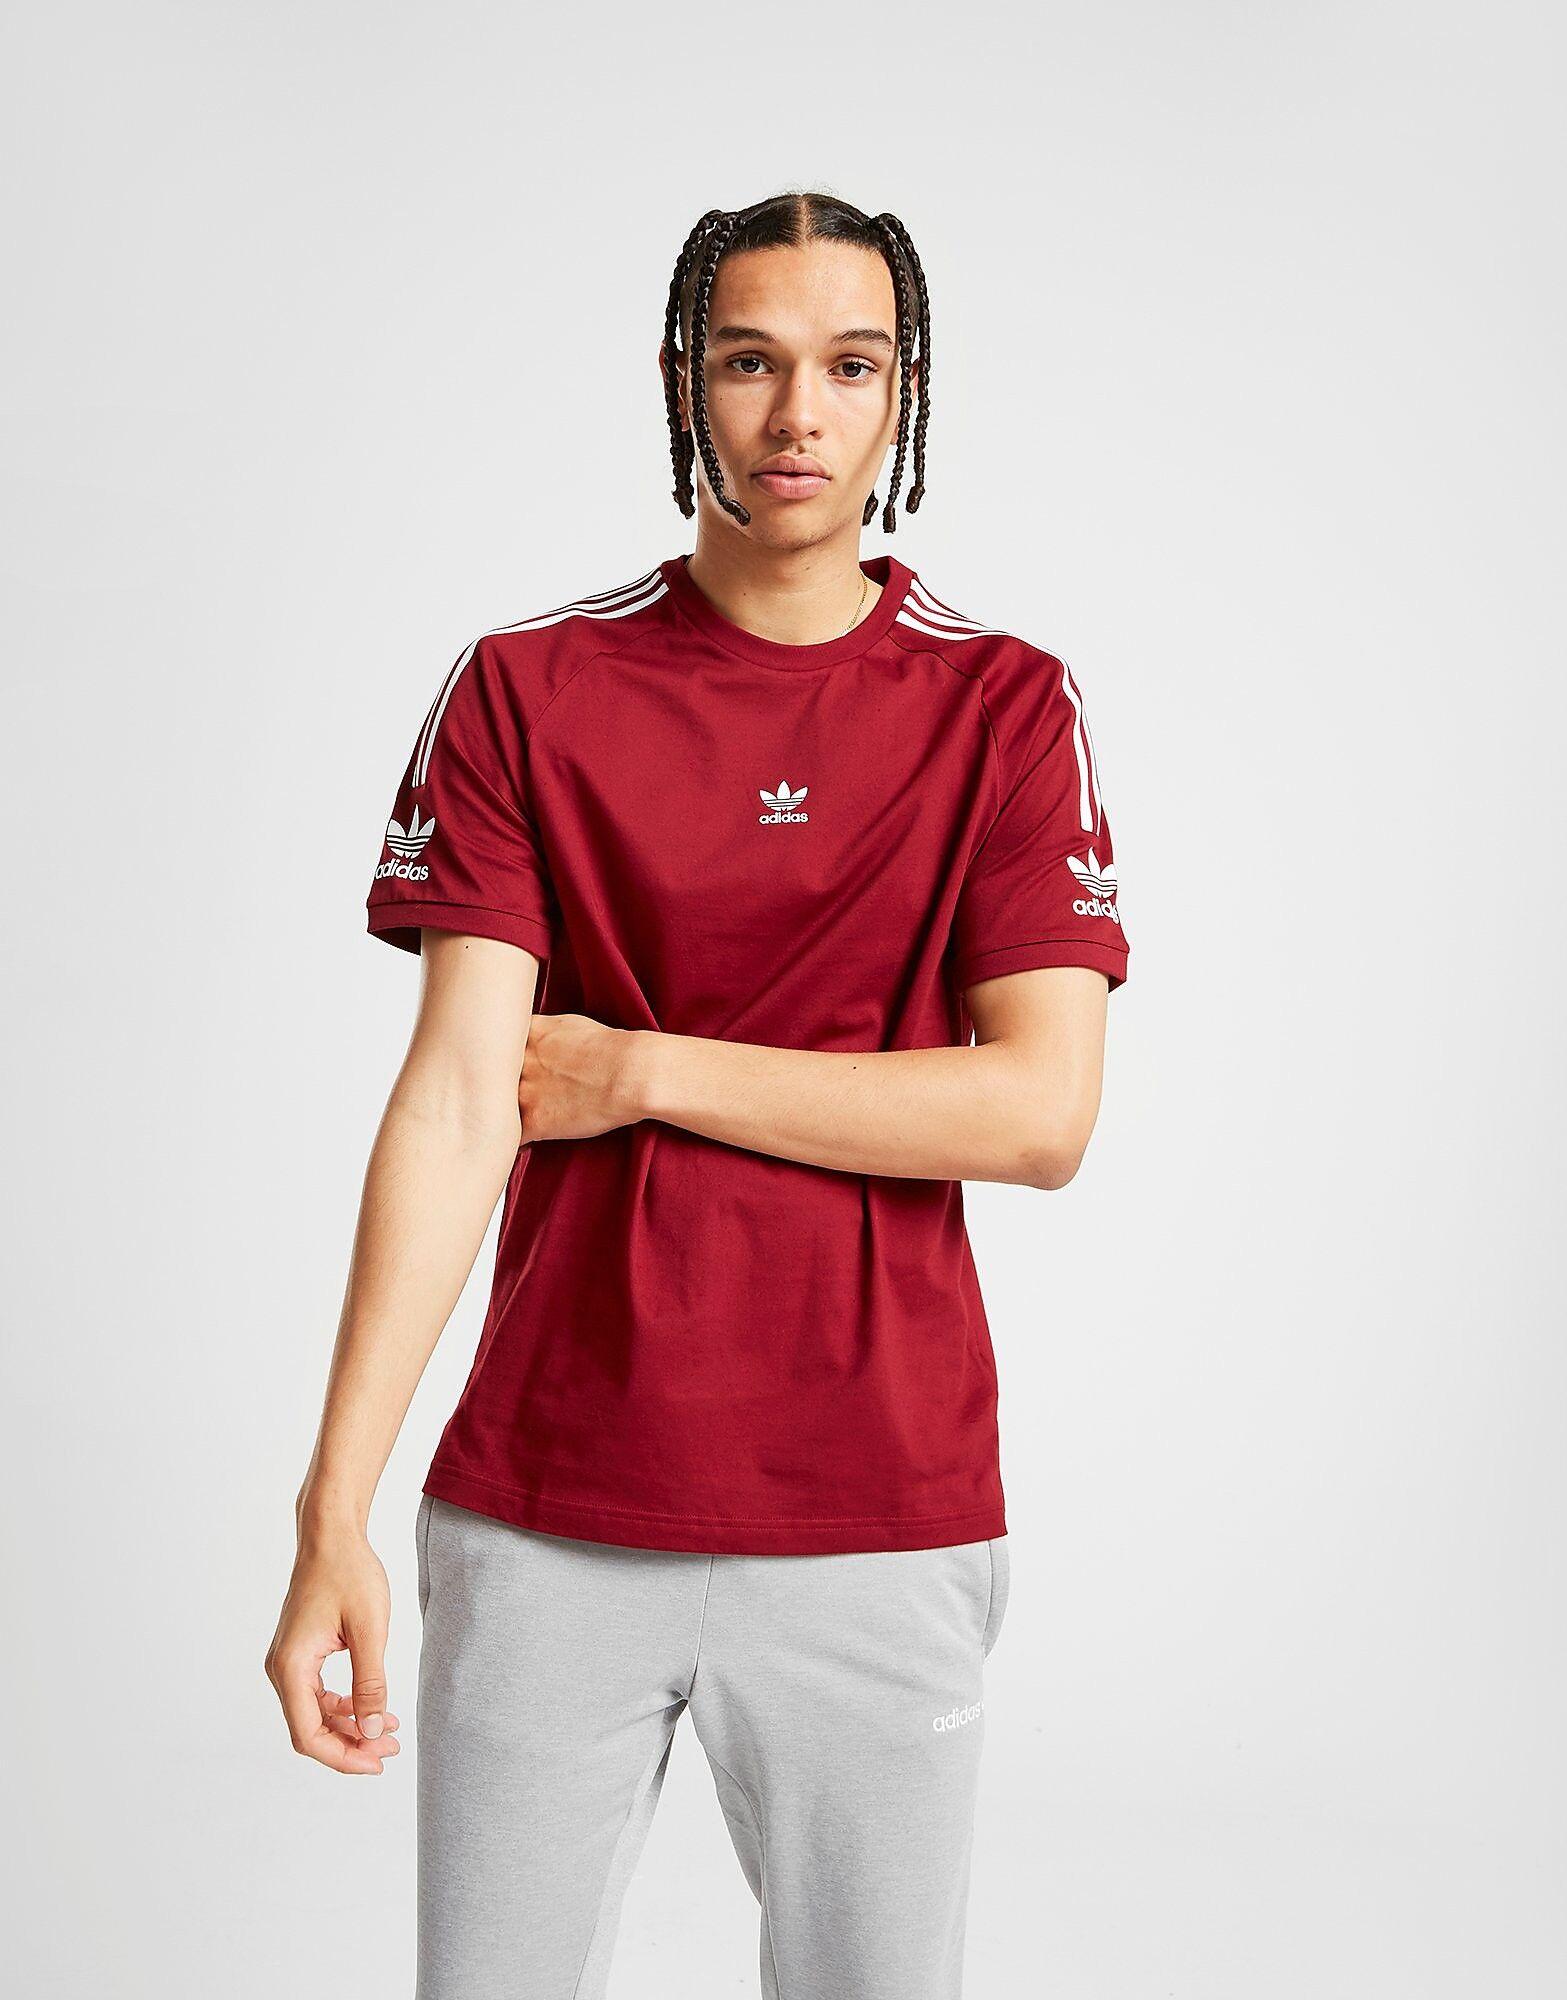 Image of Adidas Originals Central Logo Lock Up T-Shirt - Mens, Punainen